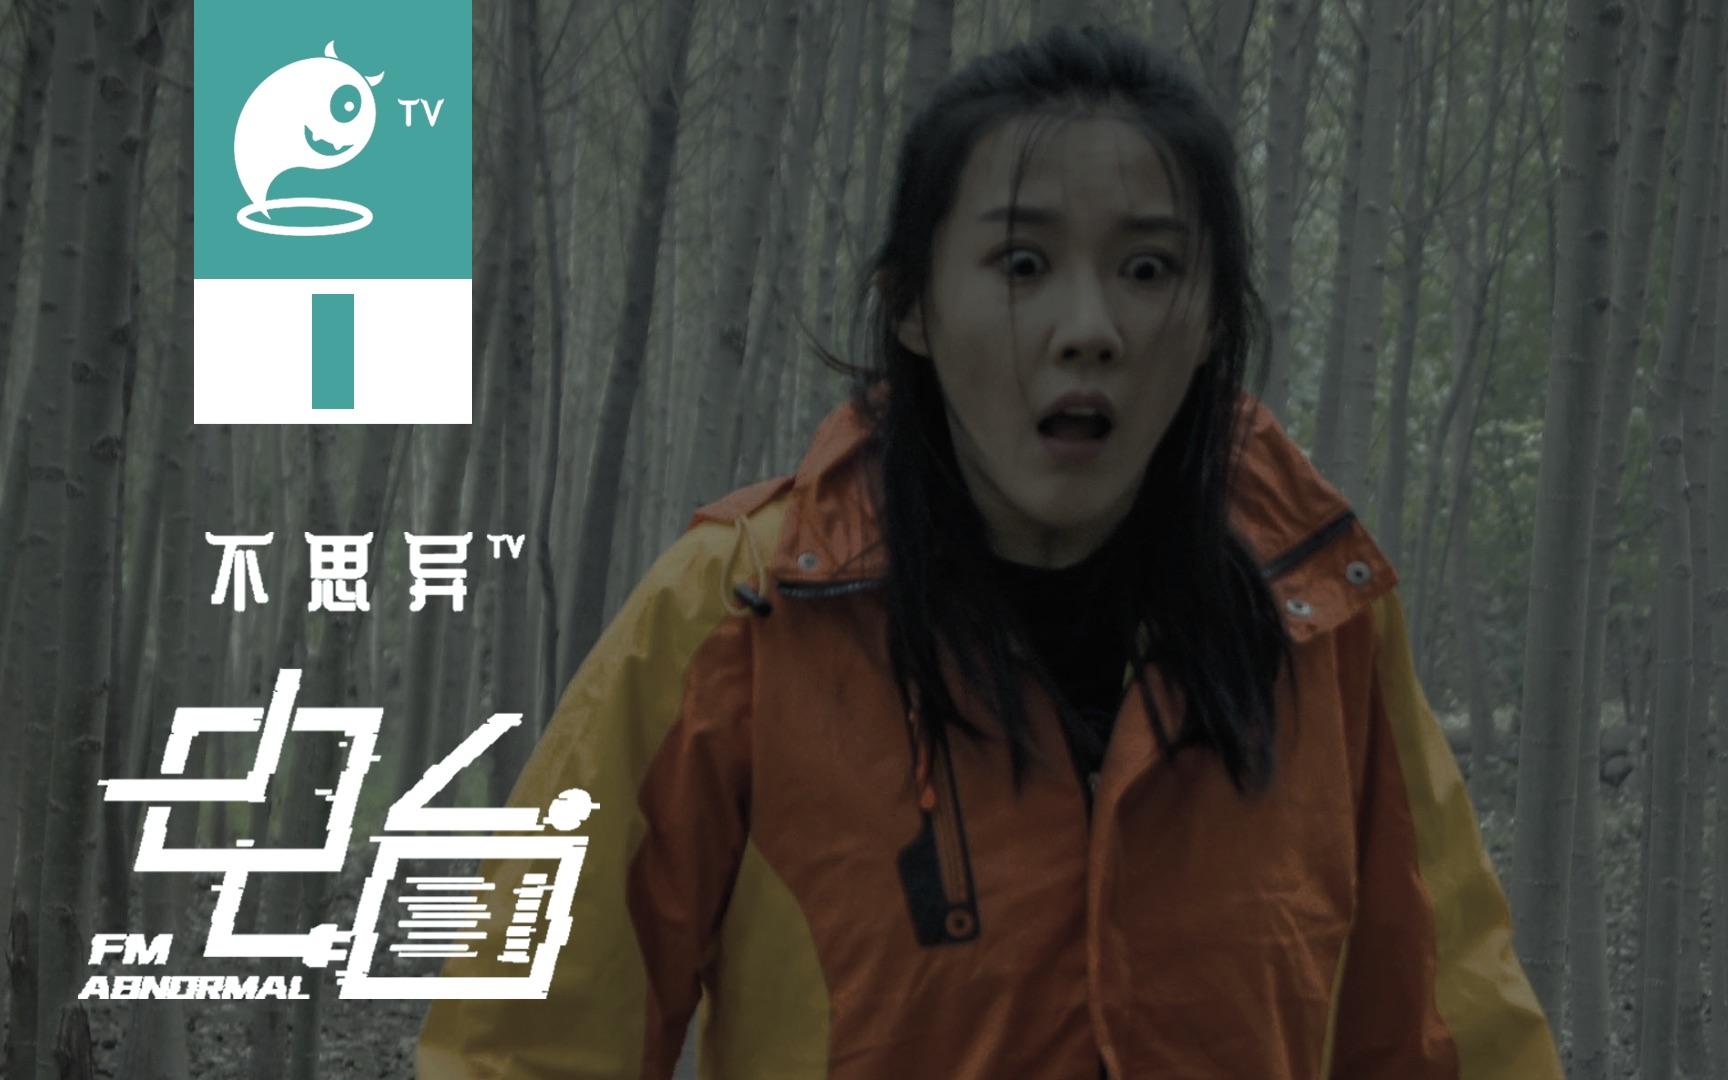 【不思异:电台】01 - 只能活一个 奇幻悬疑迷你剧